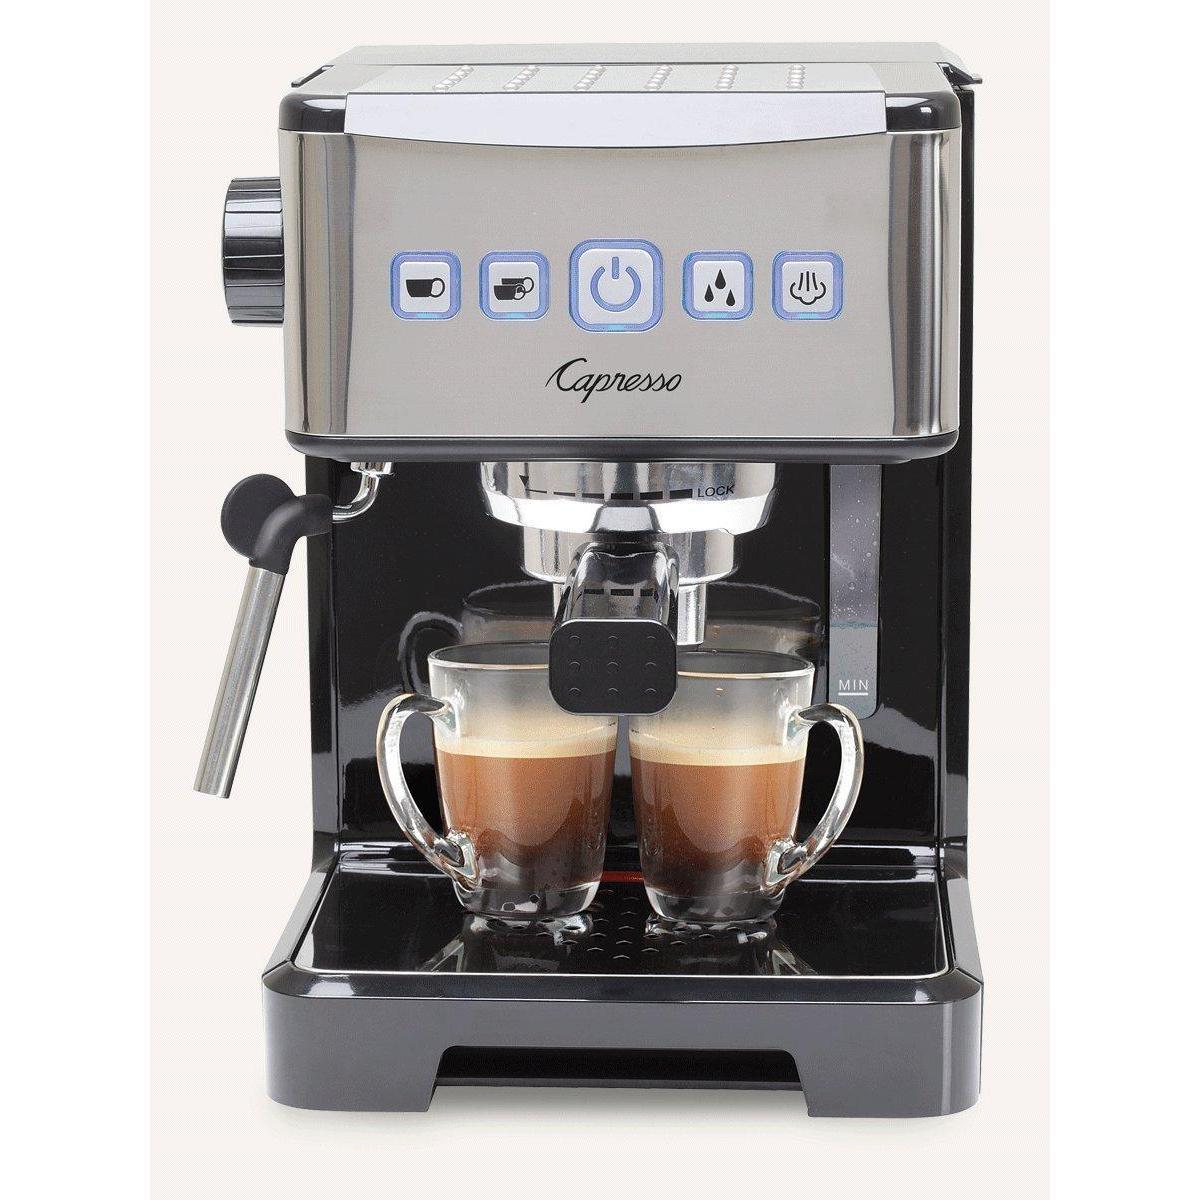 Electric Espresso Maker Ultima Pro Preg. Essp.-cappuccino